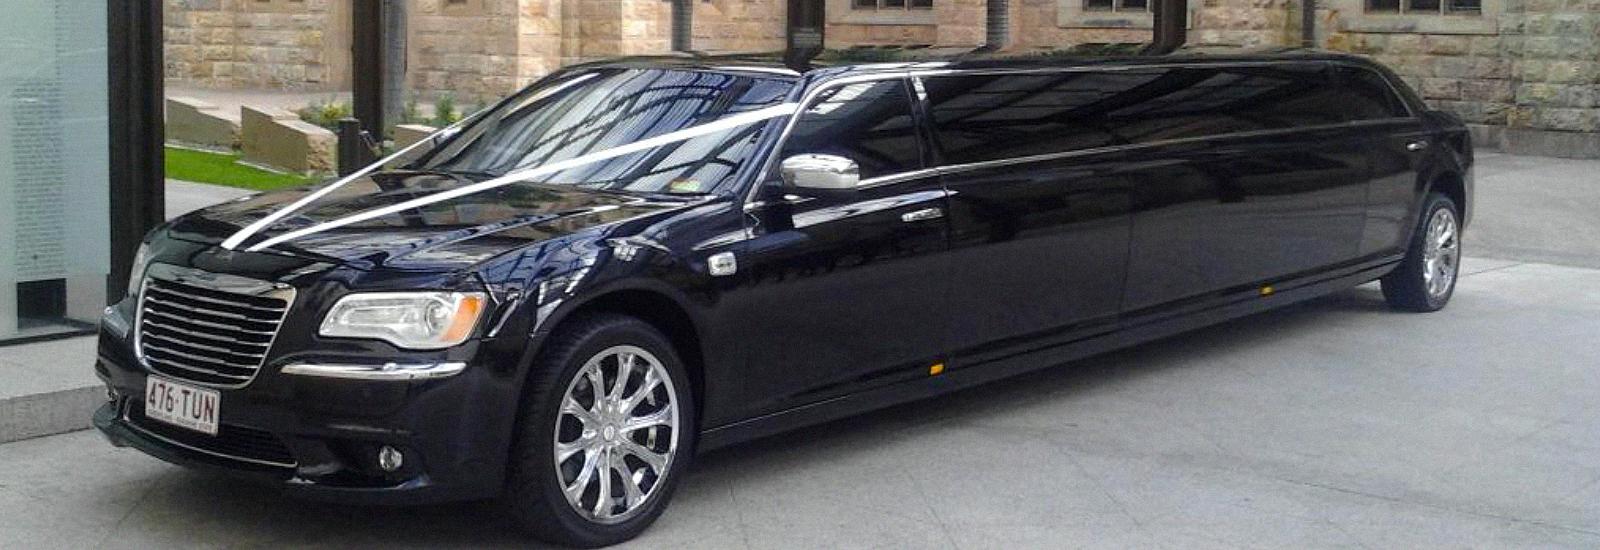 Black Chrysler 300C